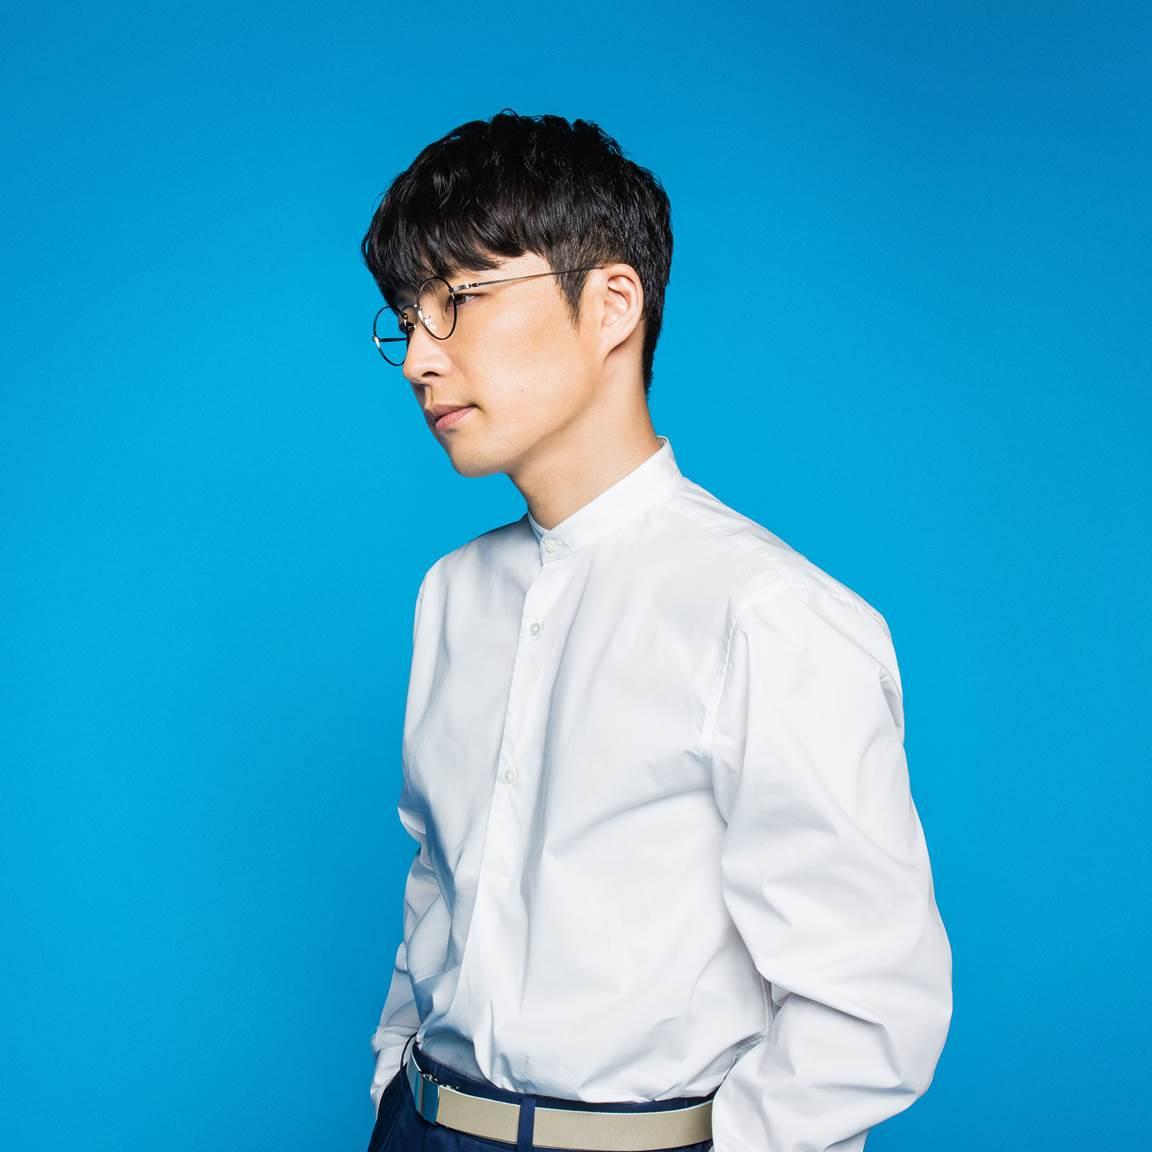 星野源、NEWシングルのタイトルは「ドラえもん」!「星野源のオールナイトニッポン」にてフルコーラス・オンエアサムネイル画像